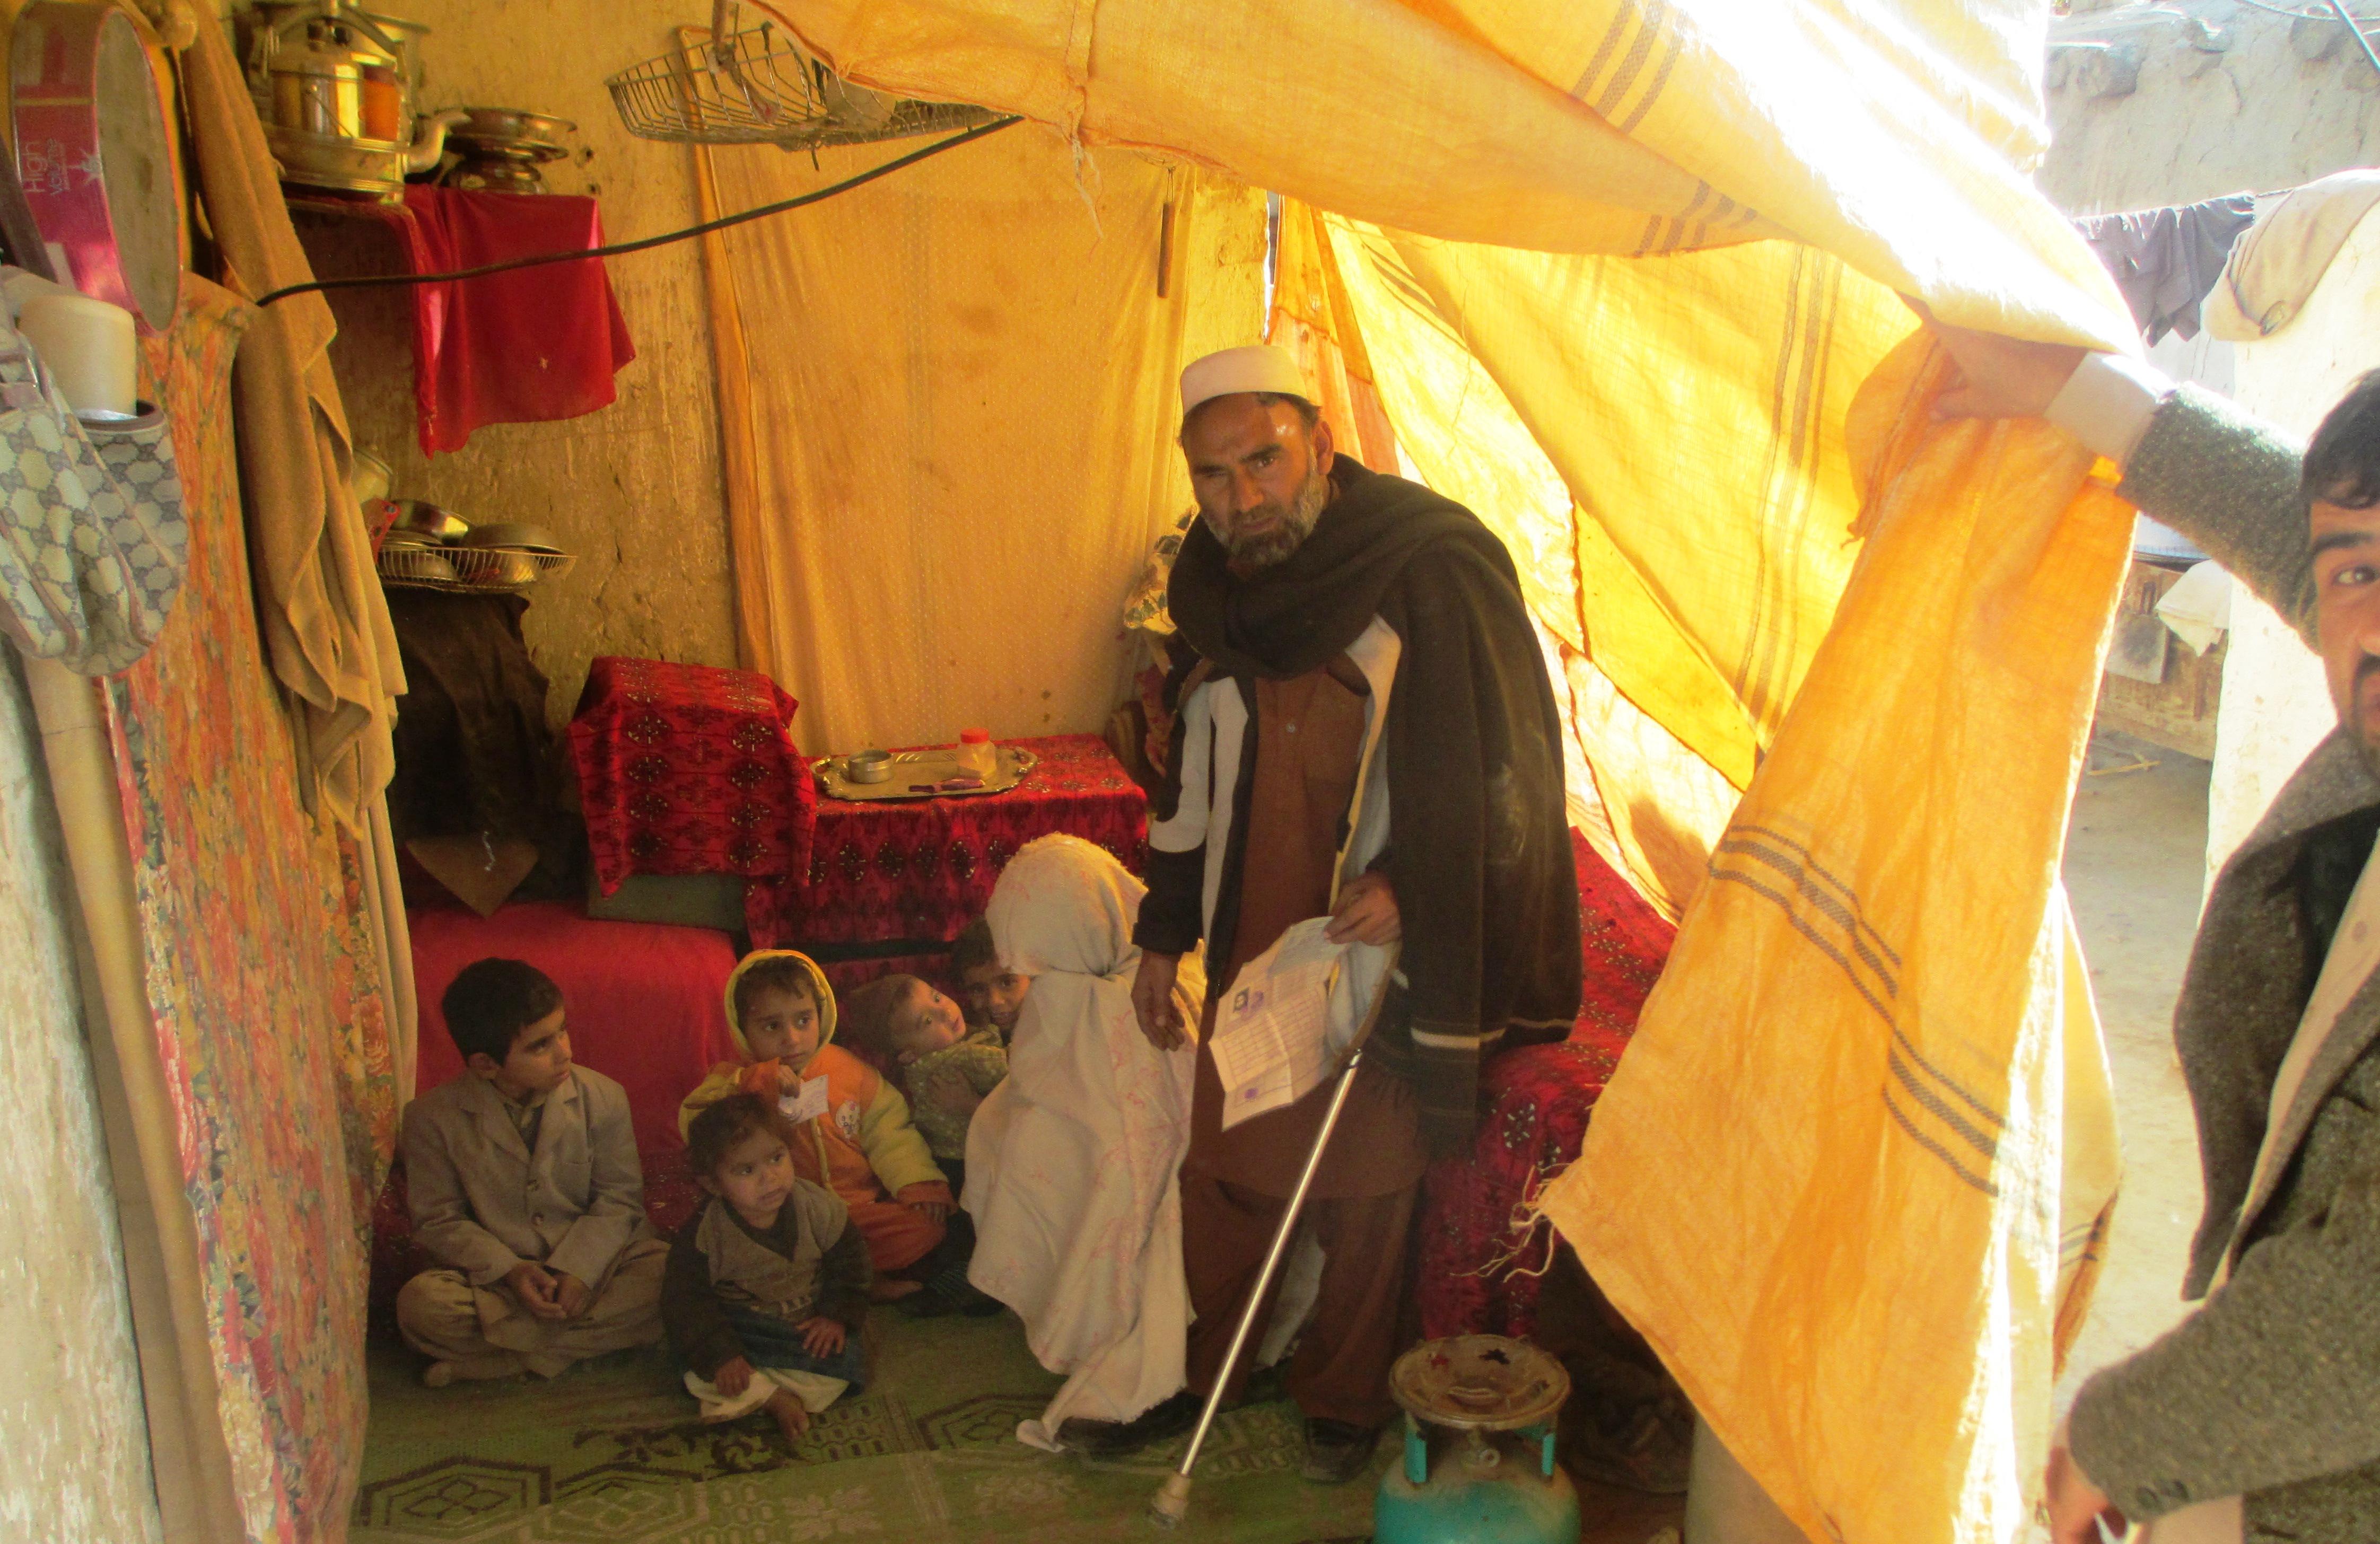 [アフガニスタン人道危機対応支援【ジャパン・プラットフォーム】]の画像